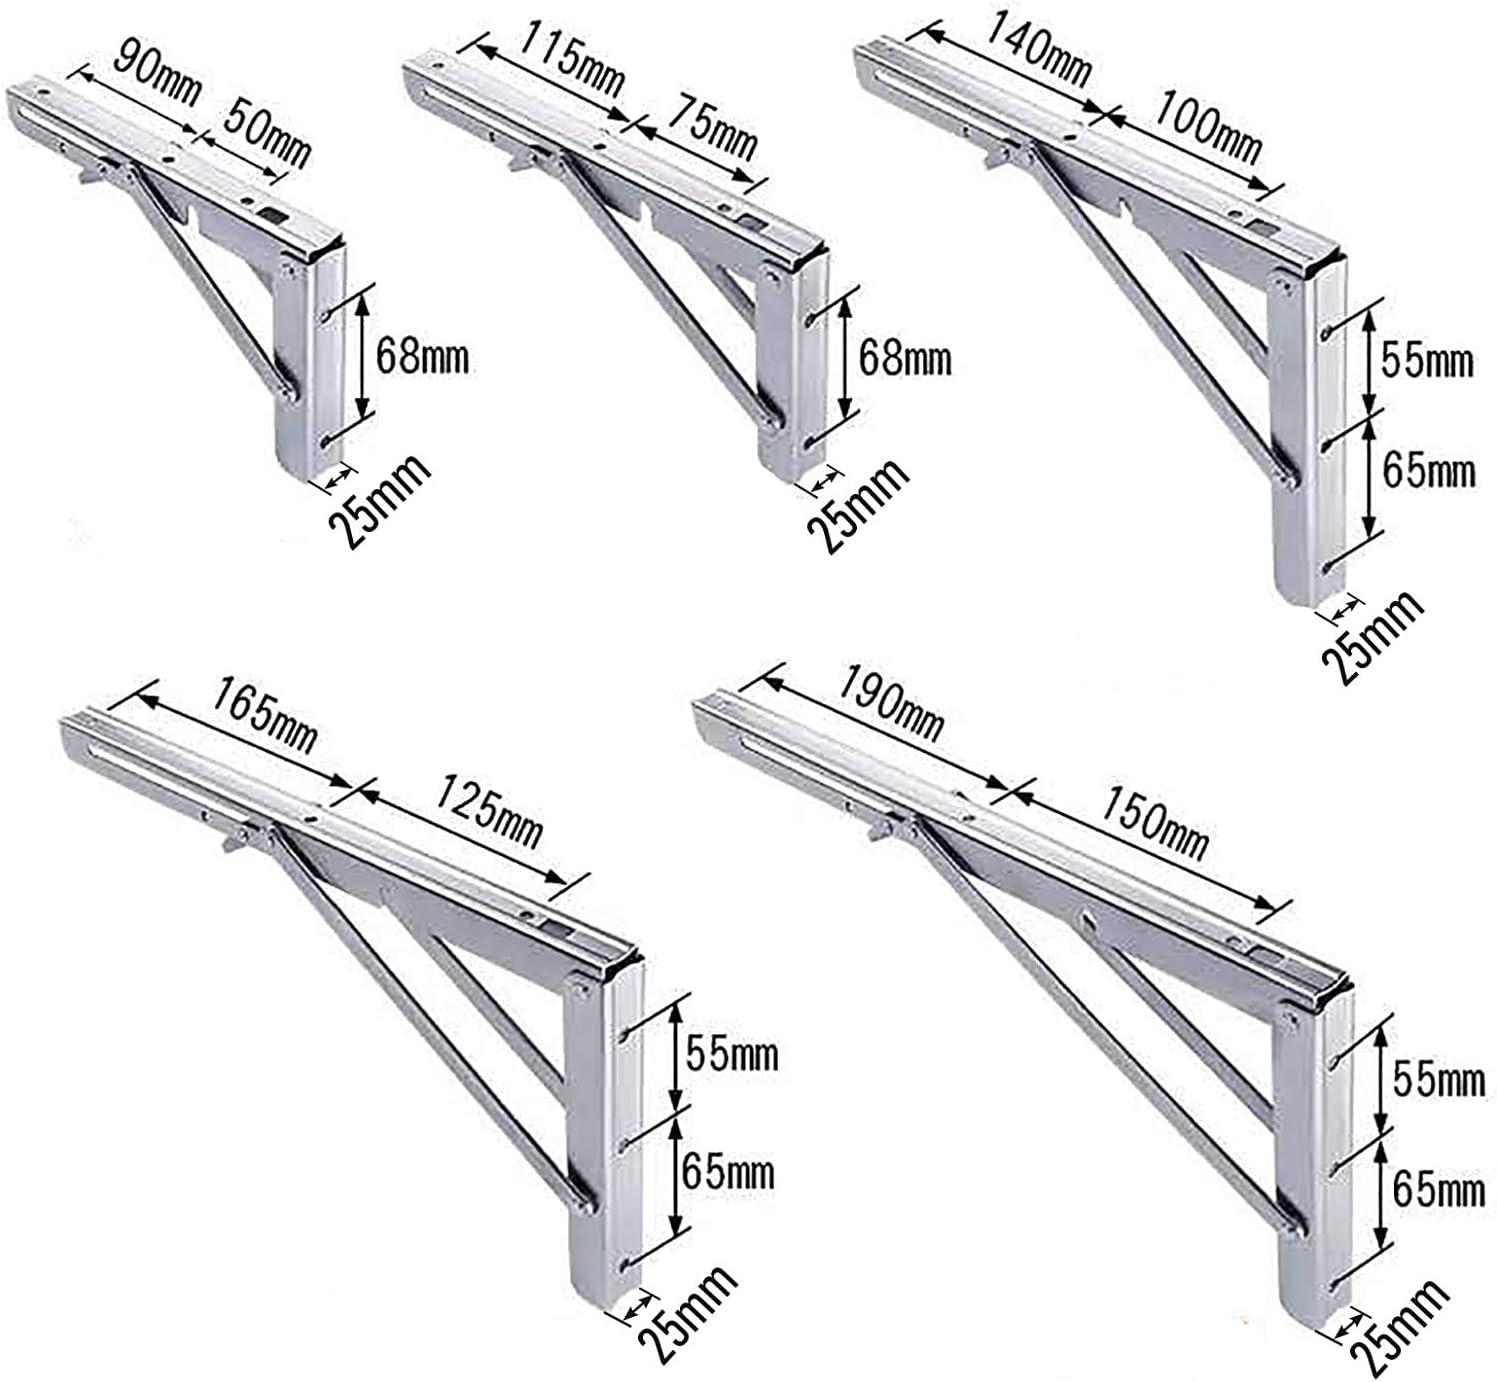 Tragkraft bis 150 kg f/ür die Wand-Montage Wandkonsole von SO-TECH/® 1 Paar Schwerlast- Klappkonsolen echt Edelstahl 200 x 120 mm